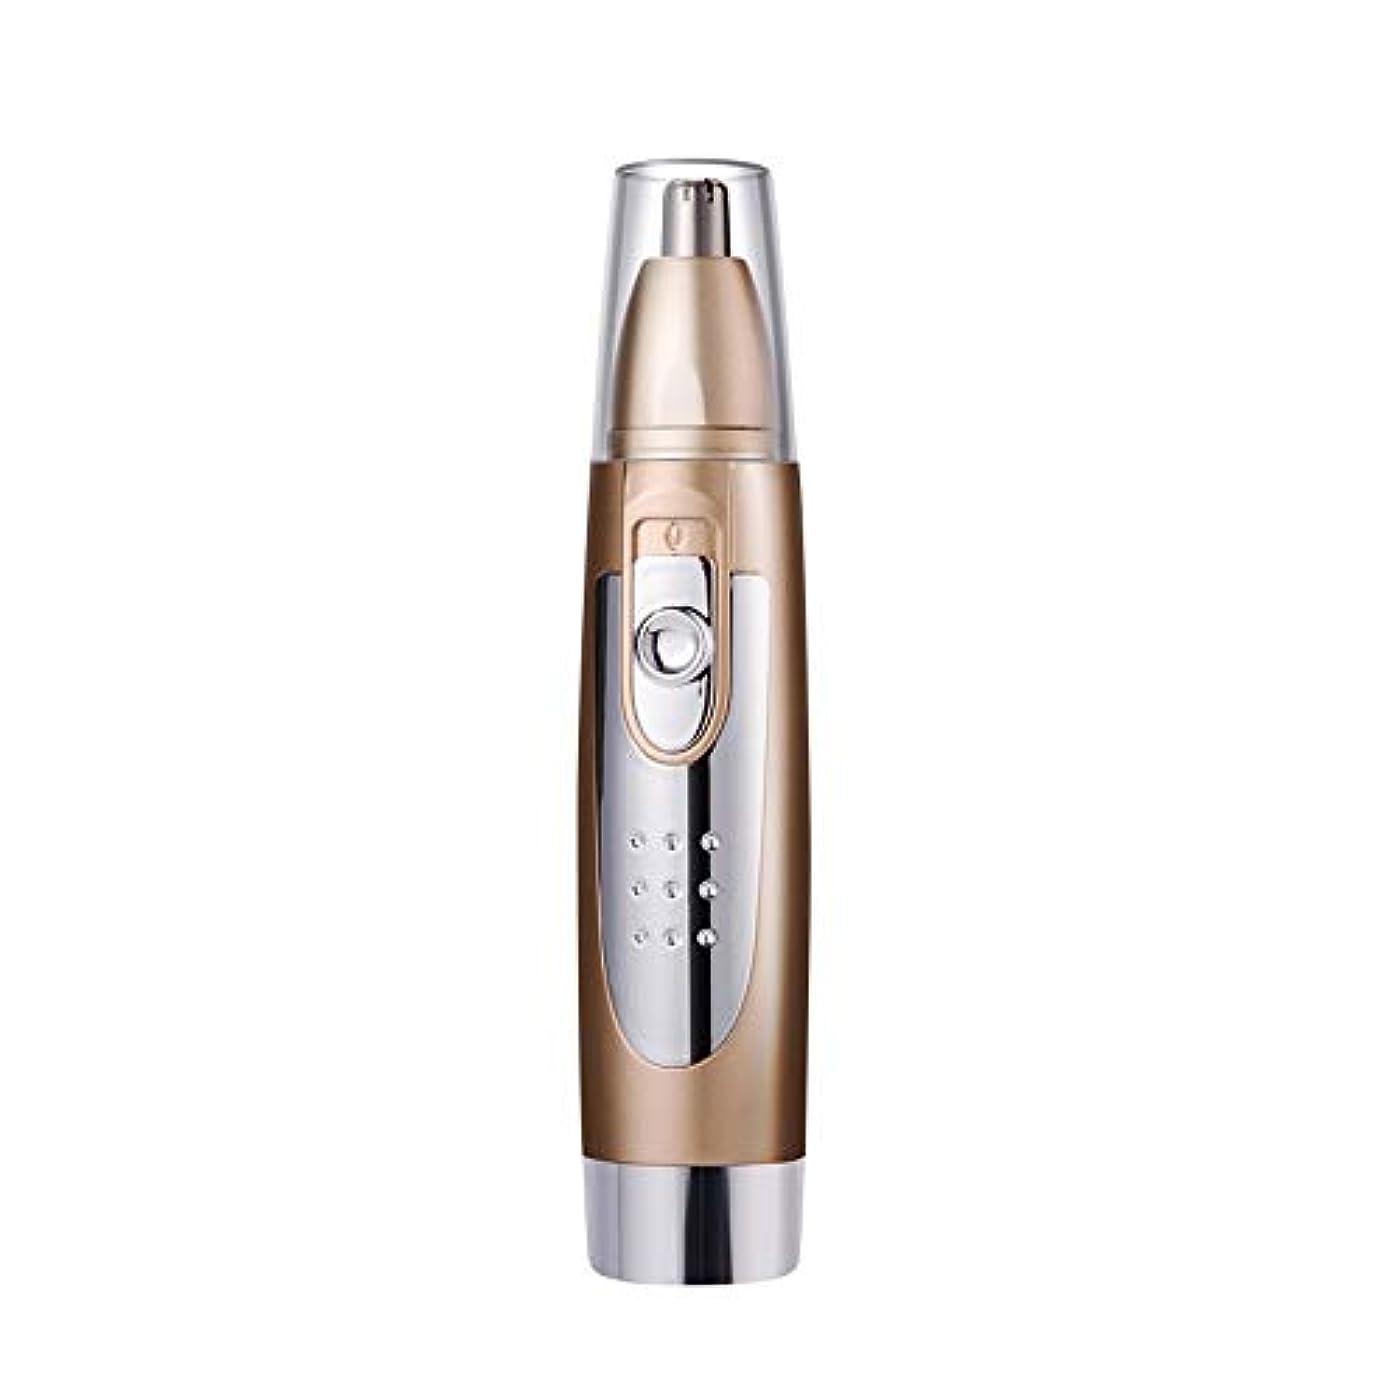 口径寛容ギャラリーノーズヘアトリマー-カッターヘッドウォッシャブル/三次元曲面カッターヘッドデザイン/ 360°立体ノーズヘア/ 135mm 使いやすい